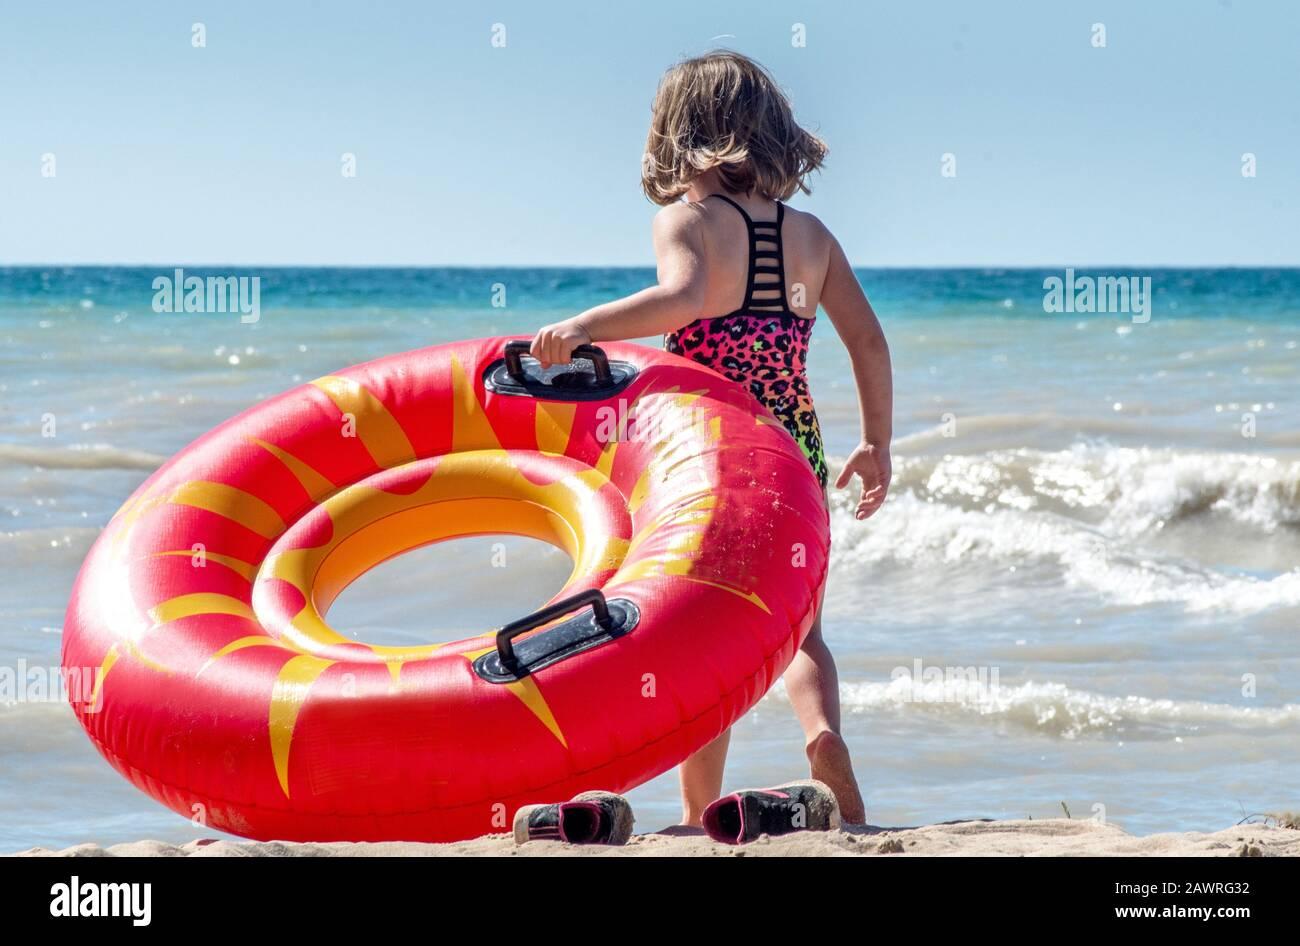 Una niña arranca sus zapatillas de deporte y se prepara para llevar su juguete flotante a las aguas activas del lago Michigan en los Estados Unidos Foto de stock